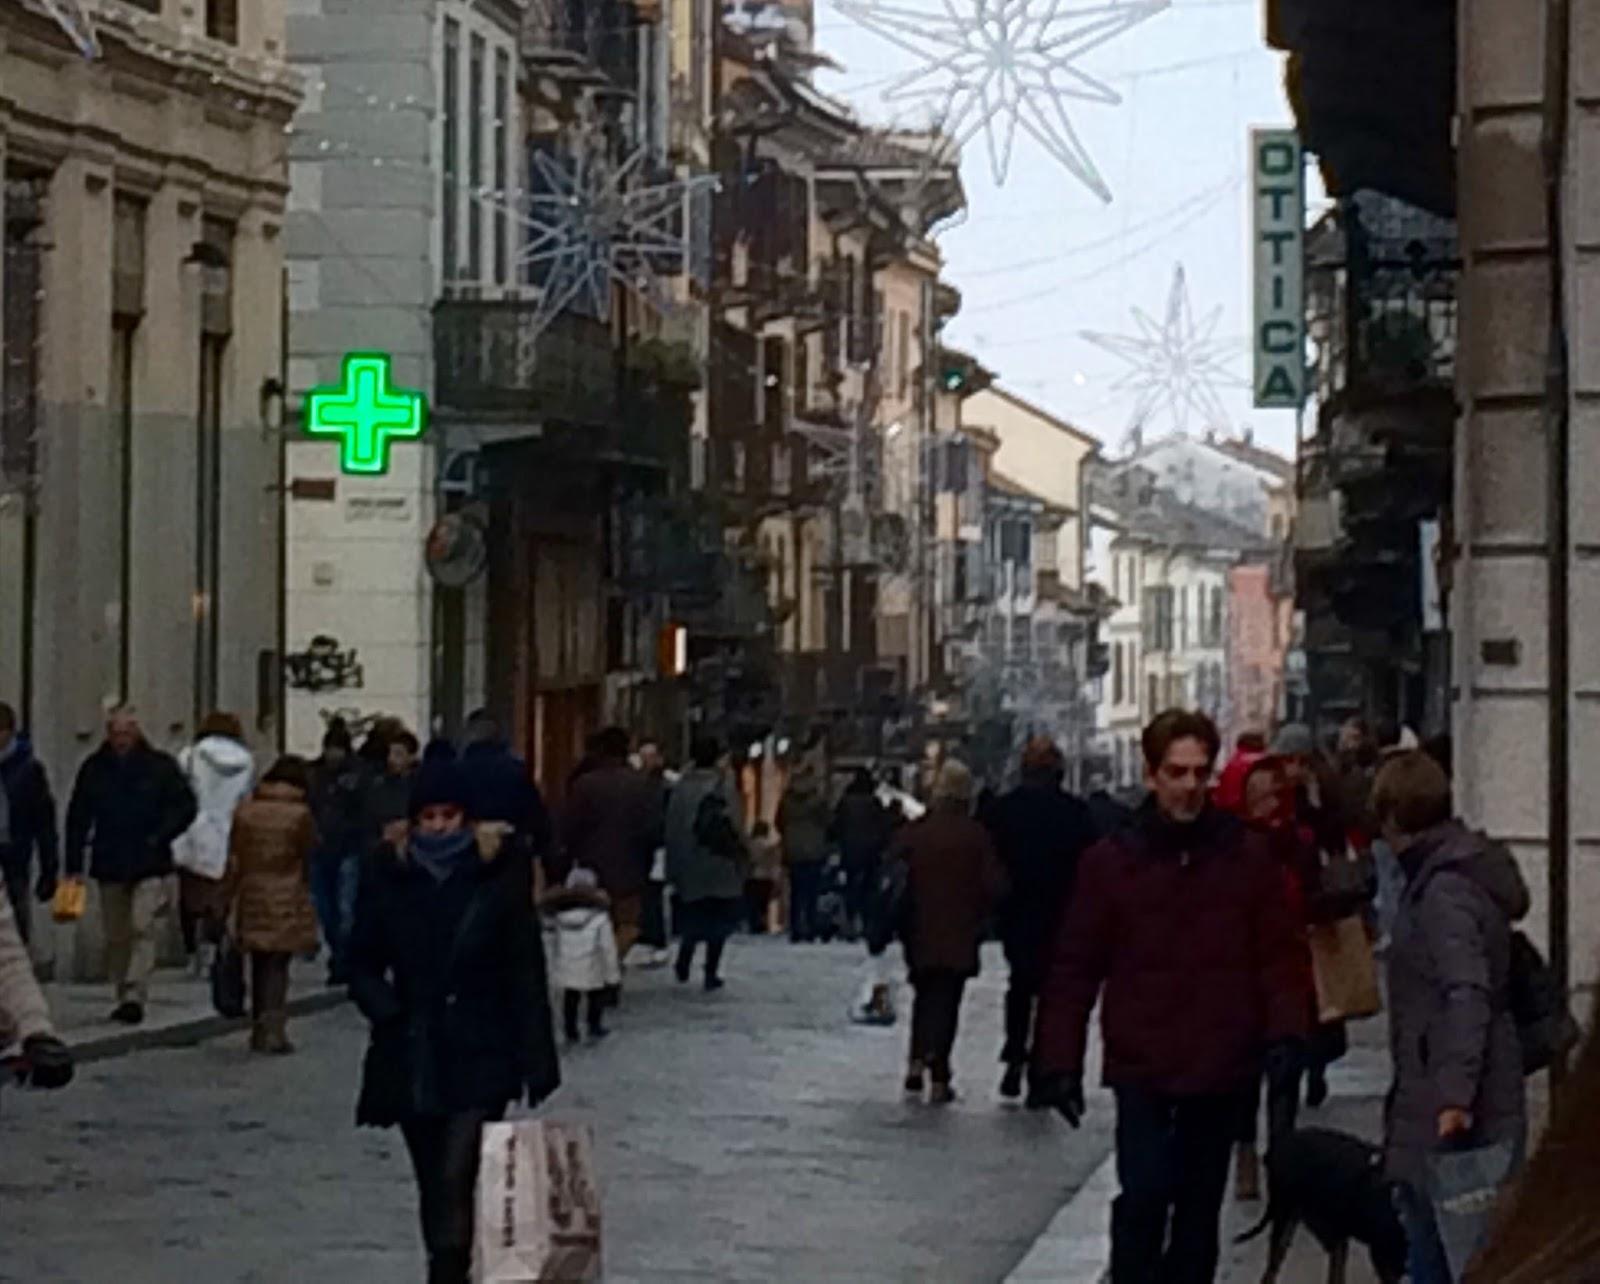 Pavia operazione saldi al via tra attese e speranze for Negozi arredamento pavia